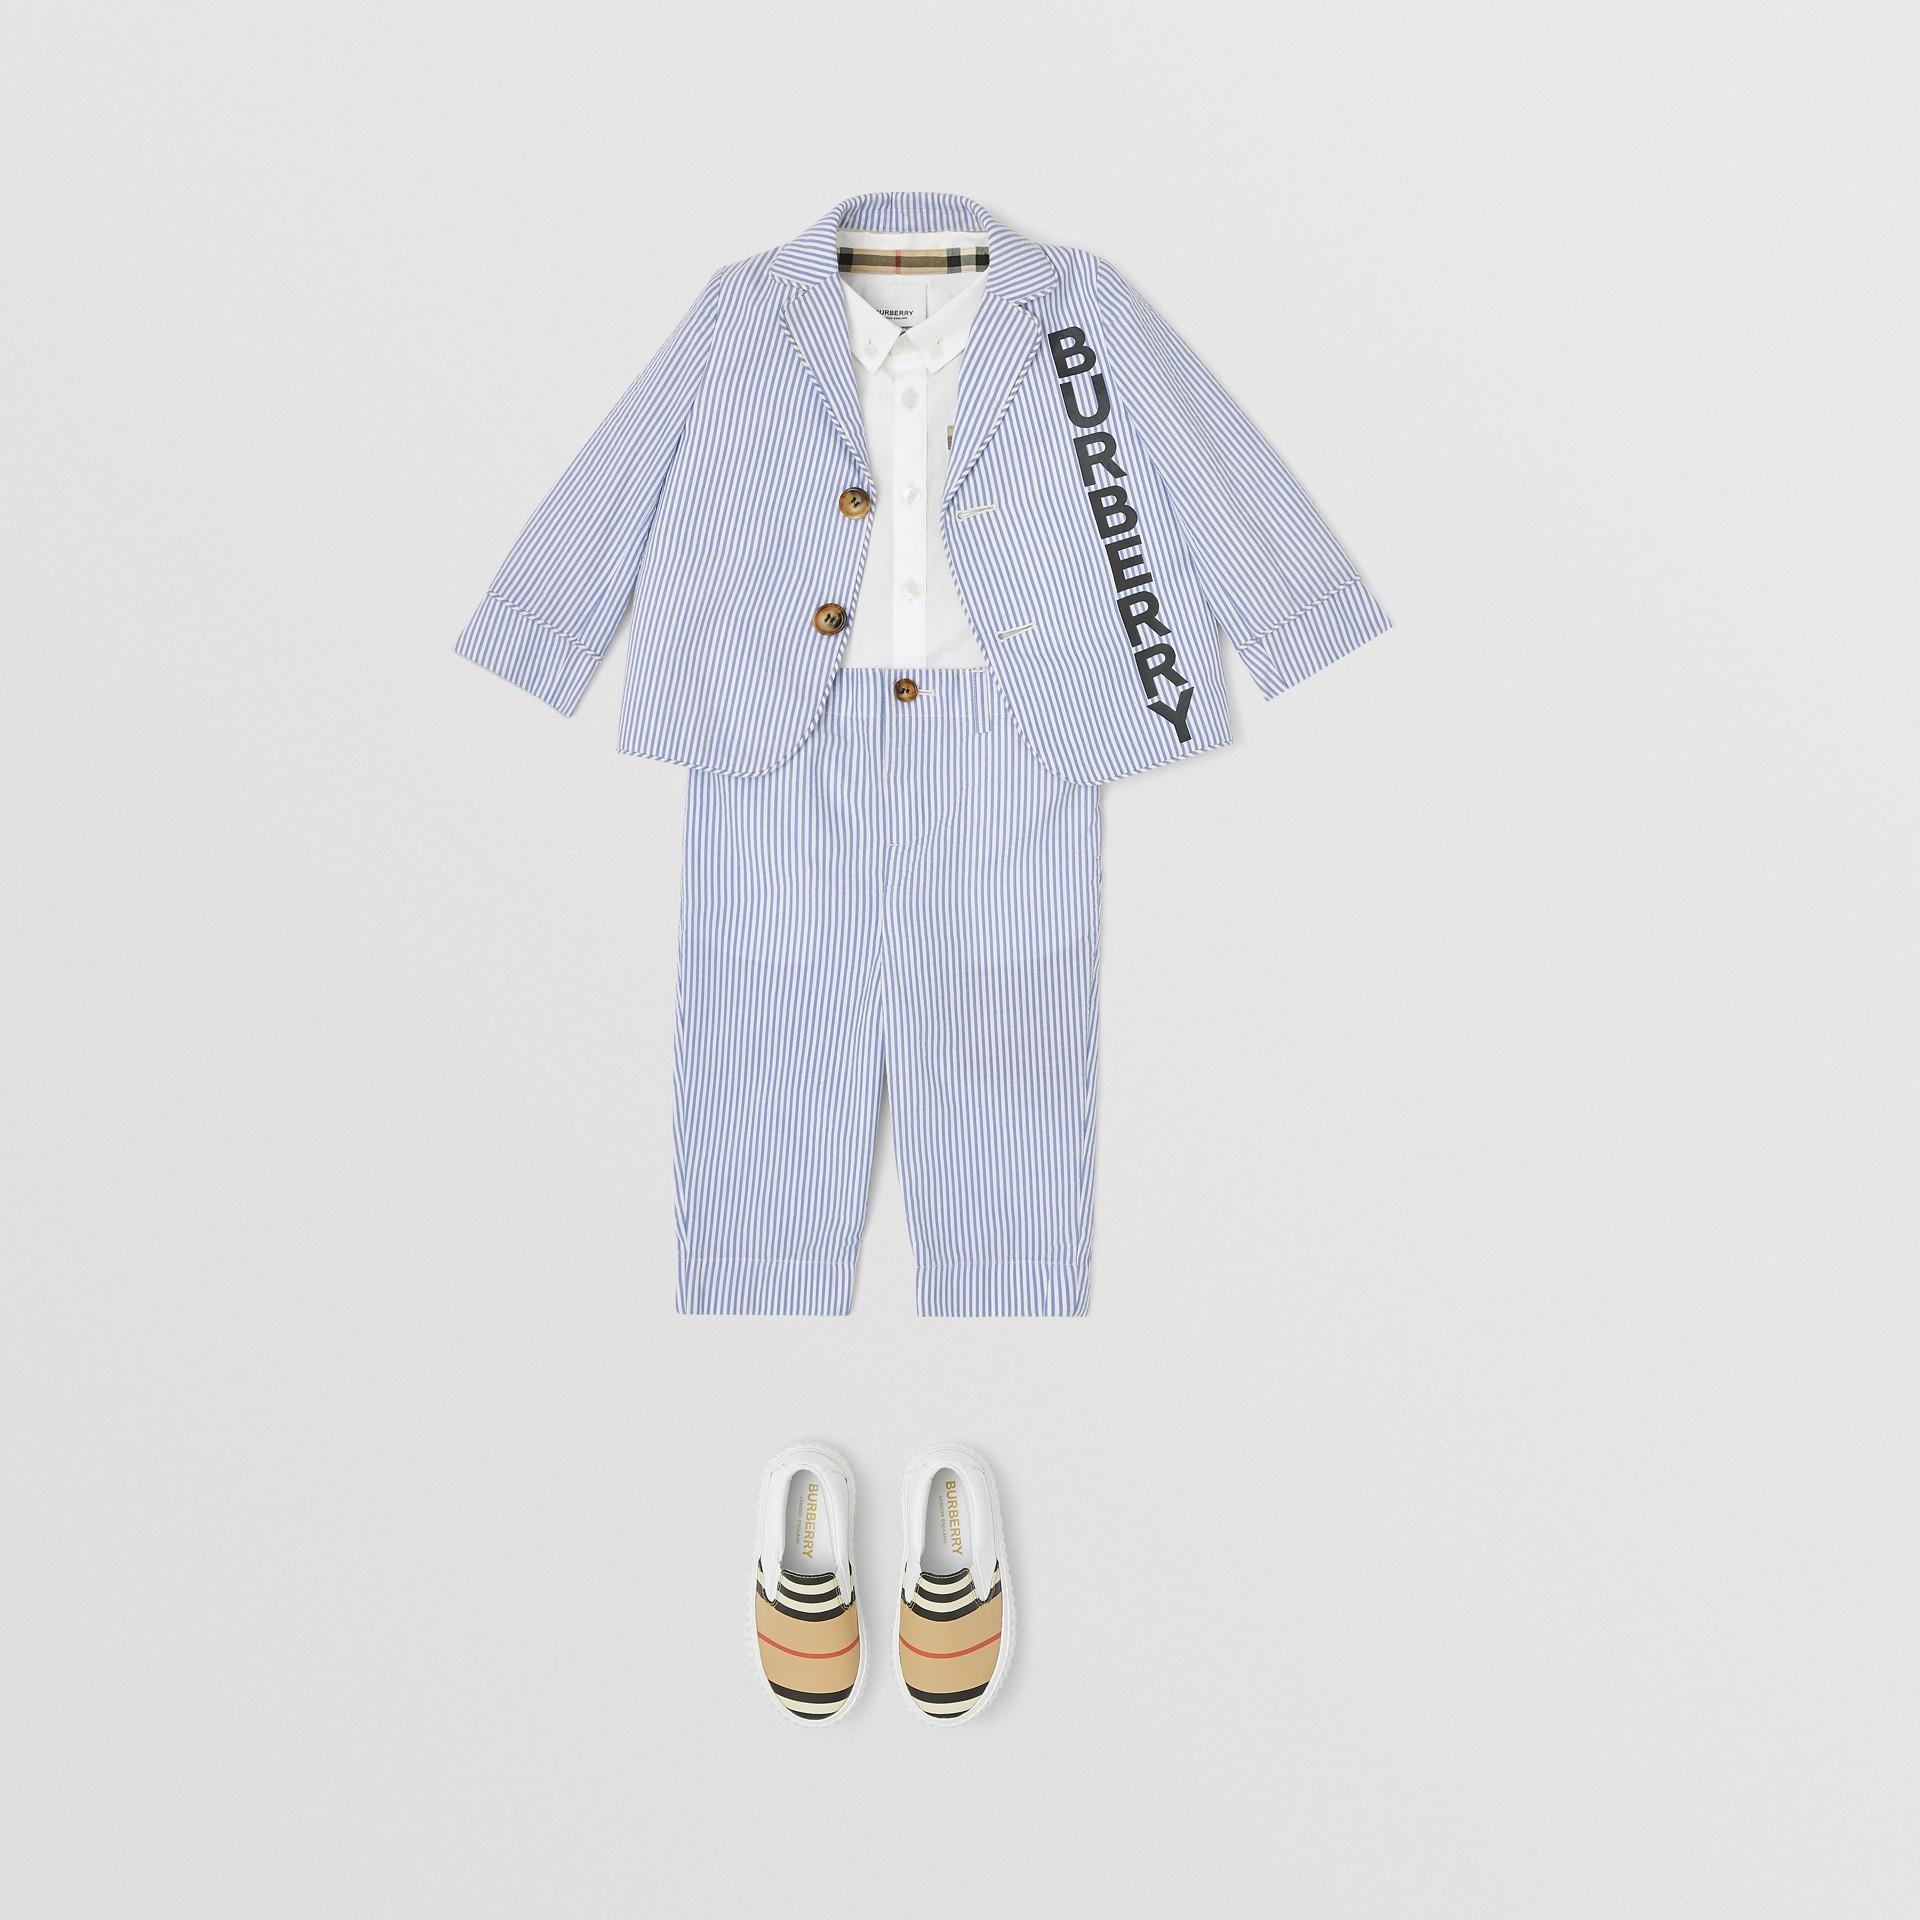 스트라이프 코튼 시어서커 테일러드 팬츠 (콘플라워 블루) - 아동 | Burberry - 갤러리 이미지 2